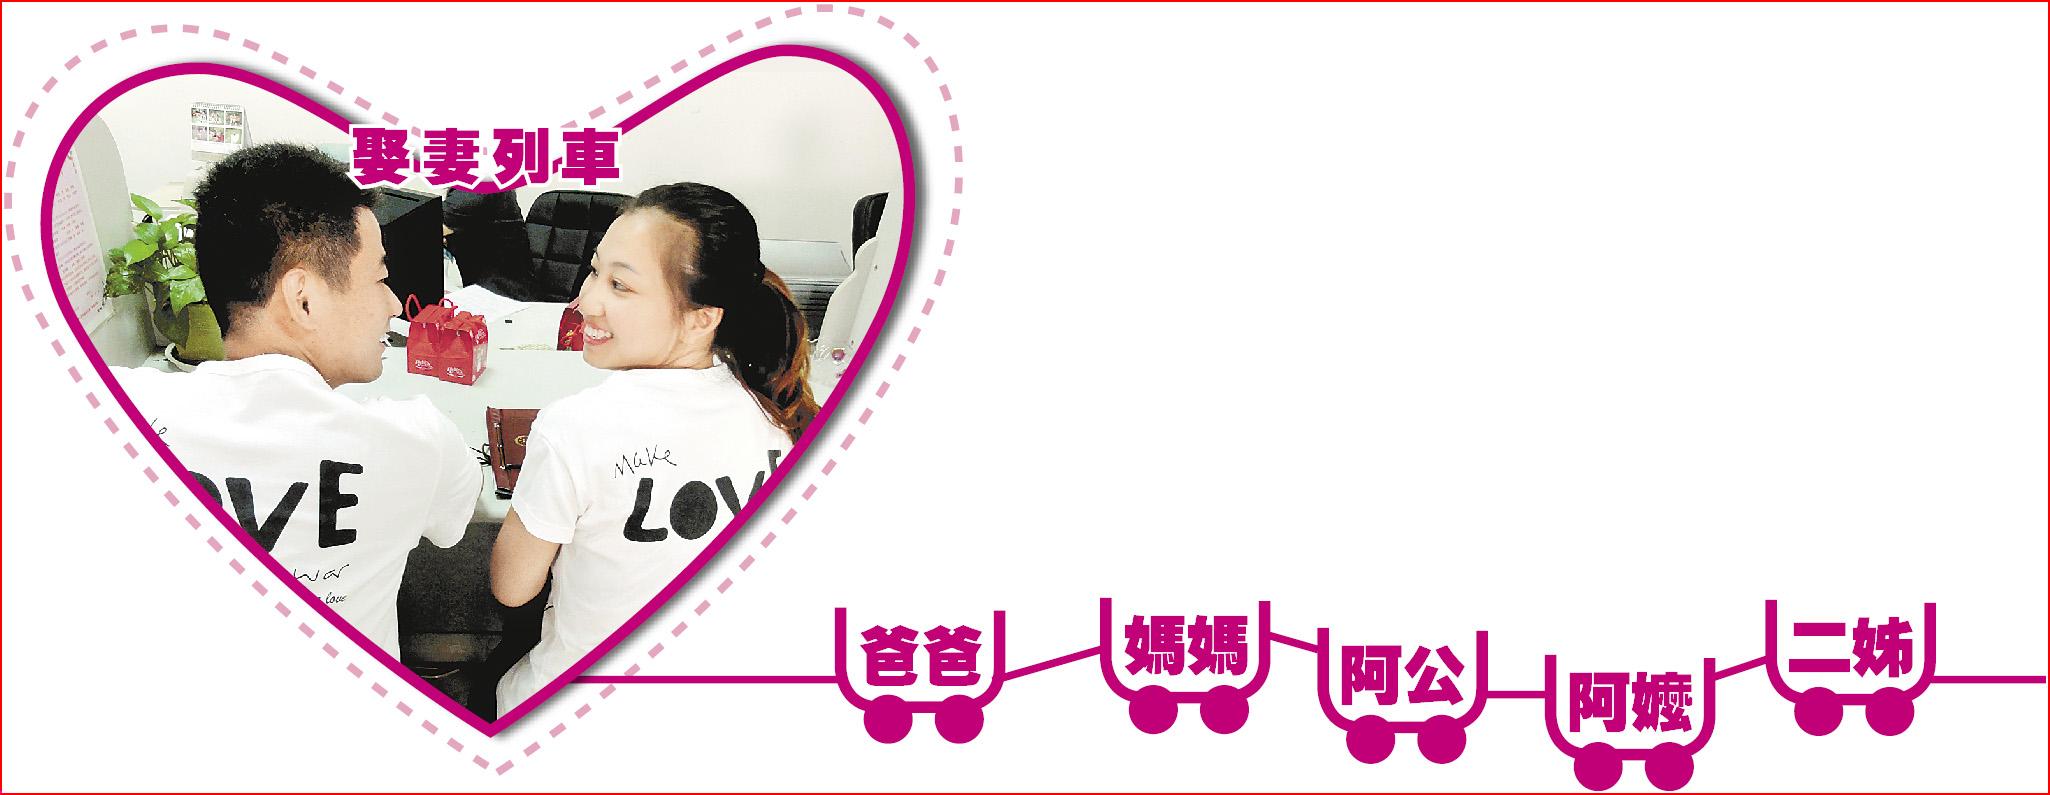 娶妻列車▲《老外娶陸妻的下場》日前在網上爆紅,其中文章提到「娶了陸妻,等於娶了全家」,引來不少已婚男認同。圖為今年七夕,一對身著情侶裝的新人在海南市辦理結婚登記手續。(設計畫面)■新華社